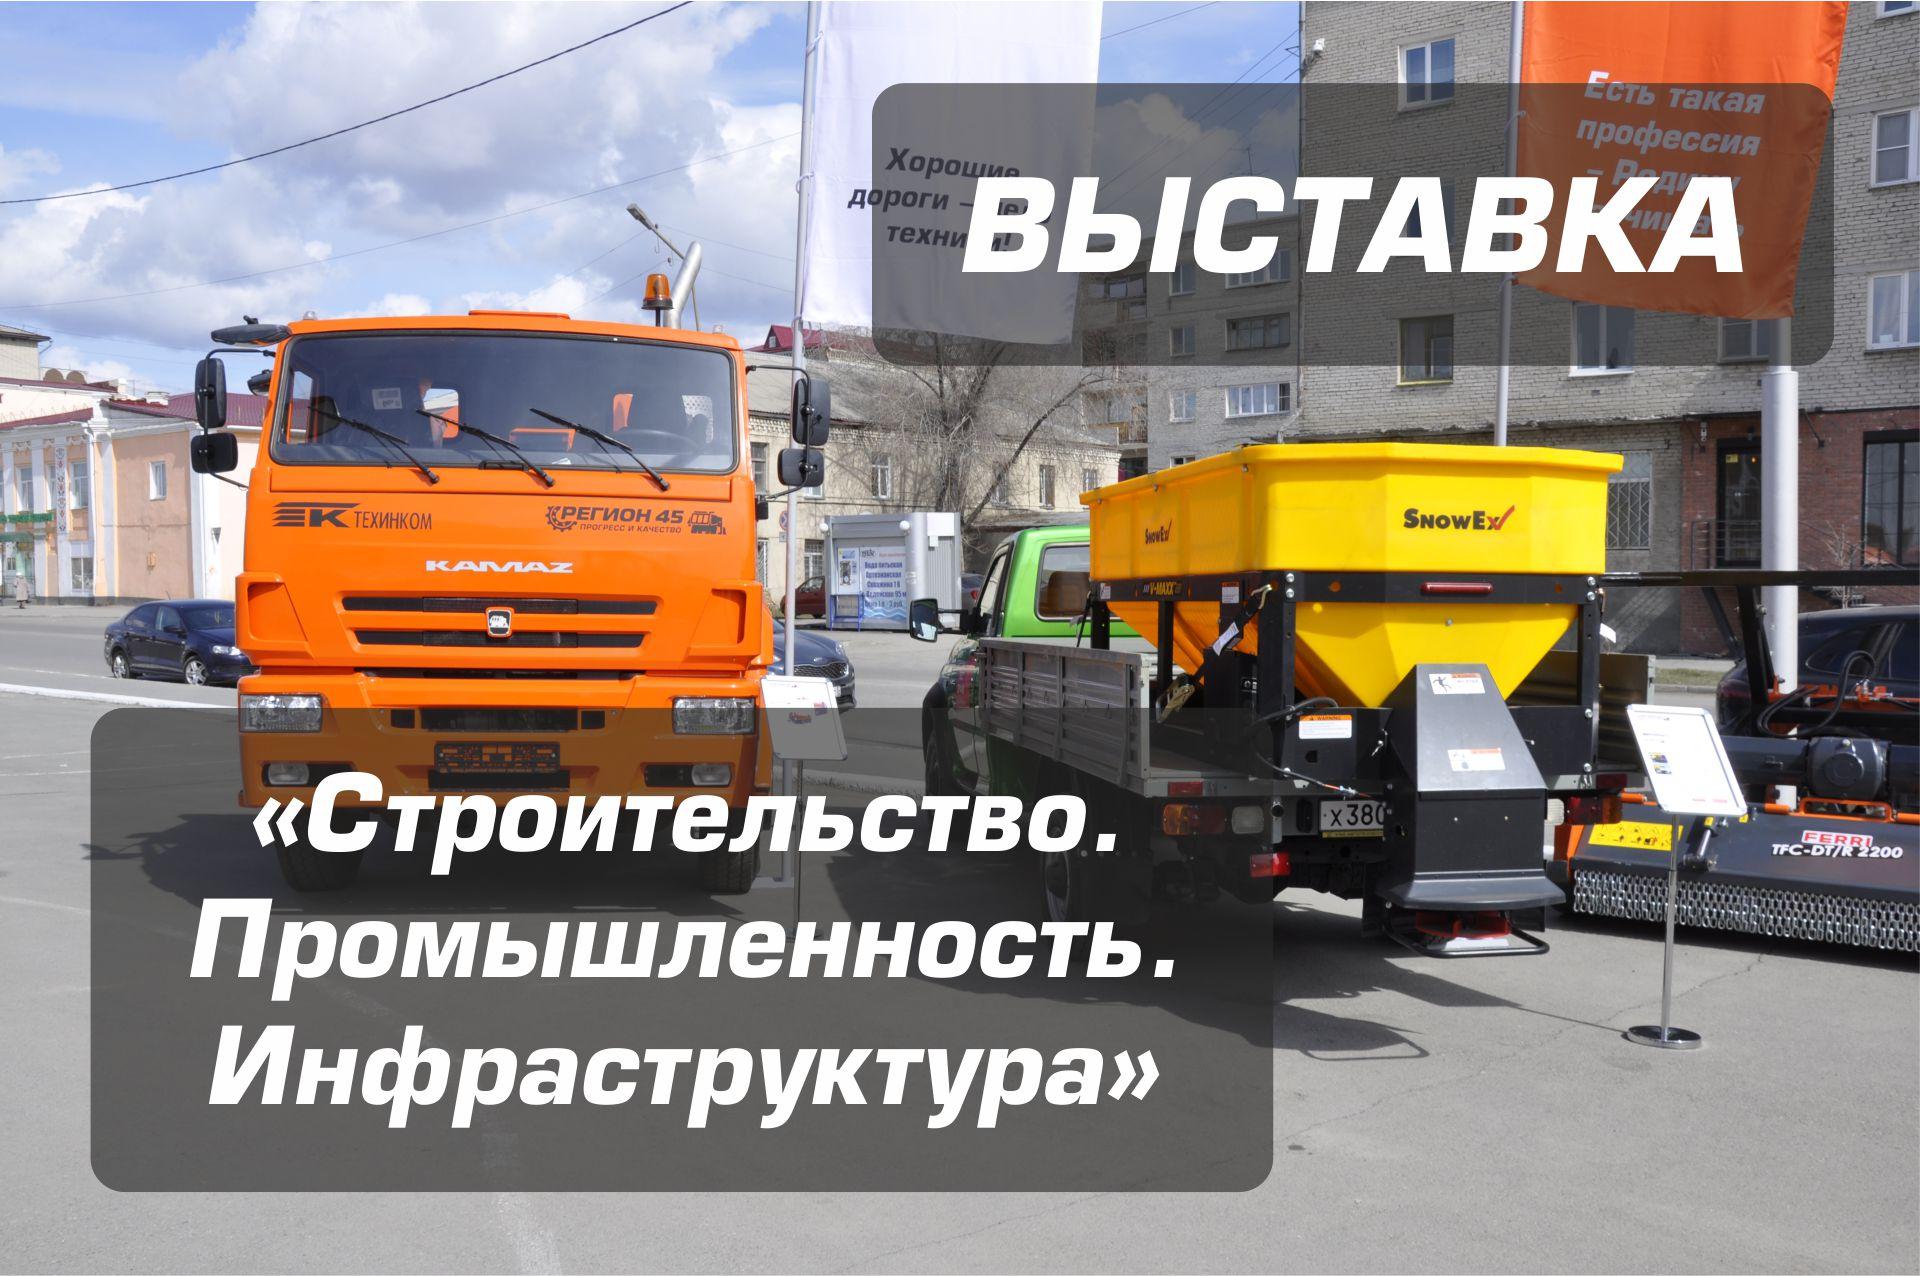 Завод дорожной техники Регион 45 — КДМ - Автогудронаторы